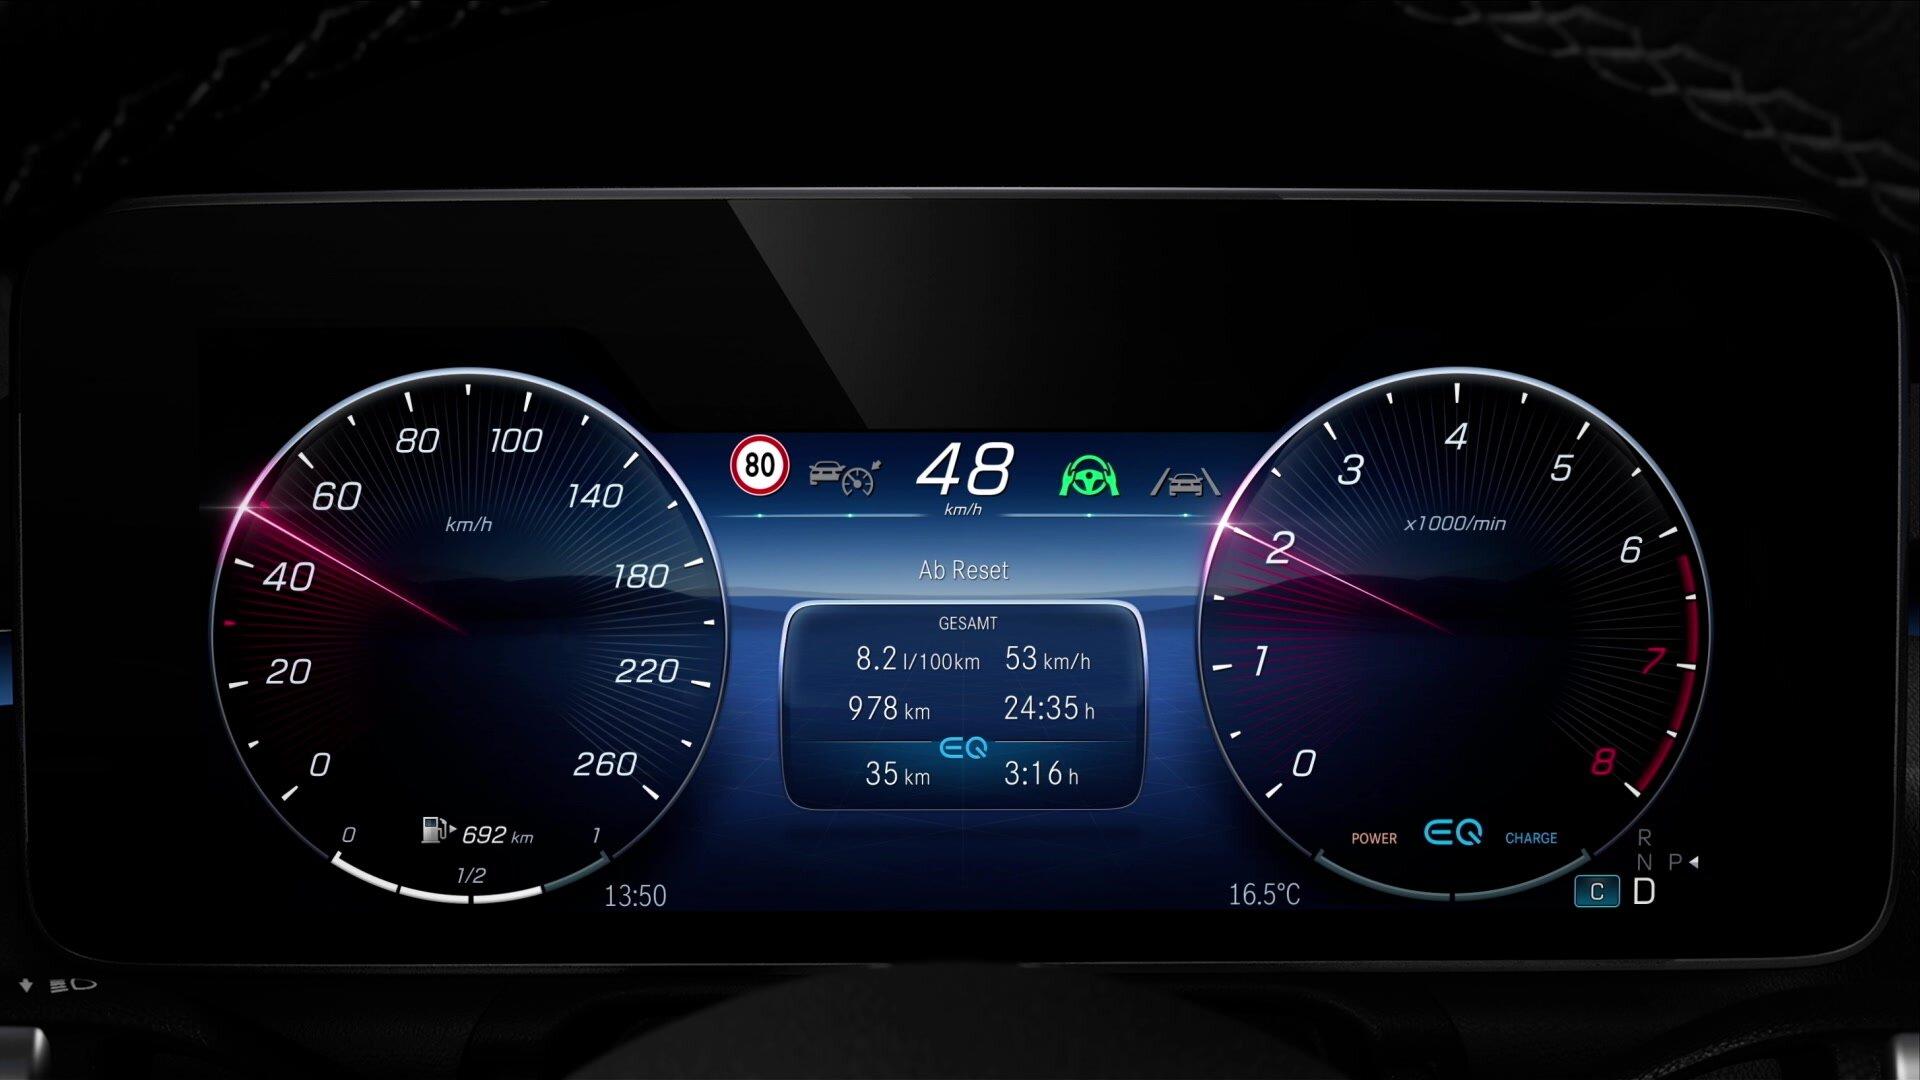 Das 3D-Fahrer-Display mit Autostereoskopie